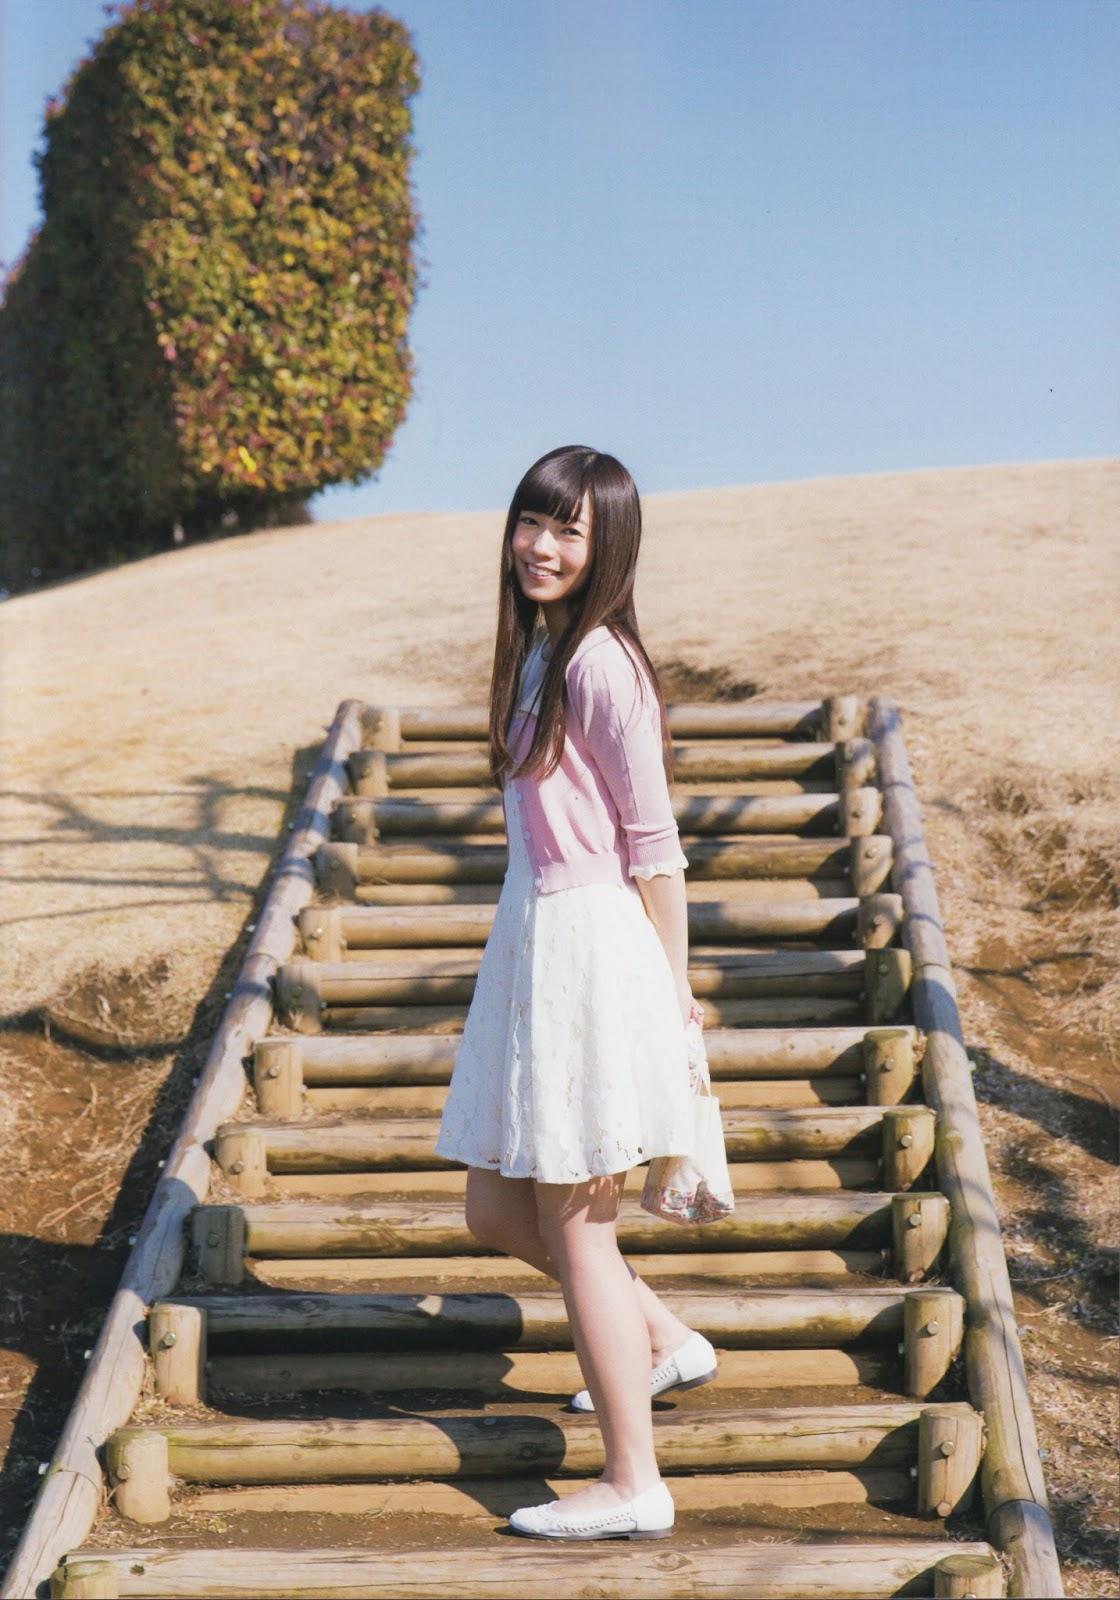 太陽の下で可愛いポーズを決める斉藤優里の画像♪